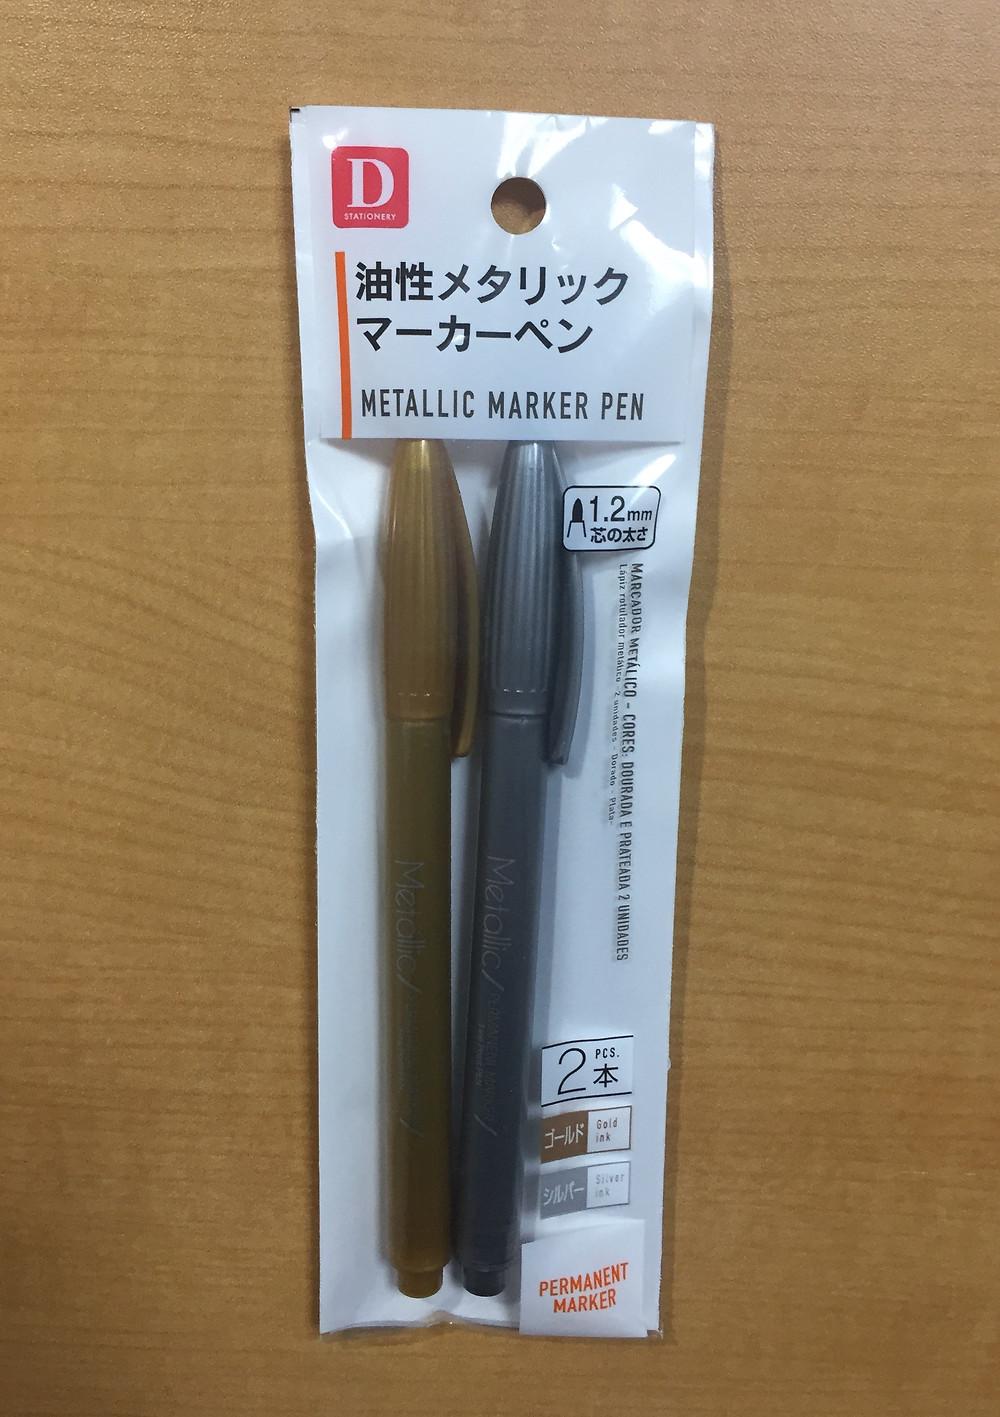 ダイソーの油性メタリックマーカーペン